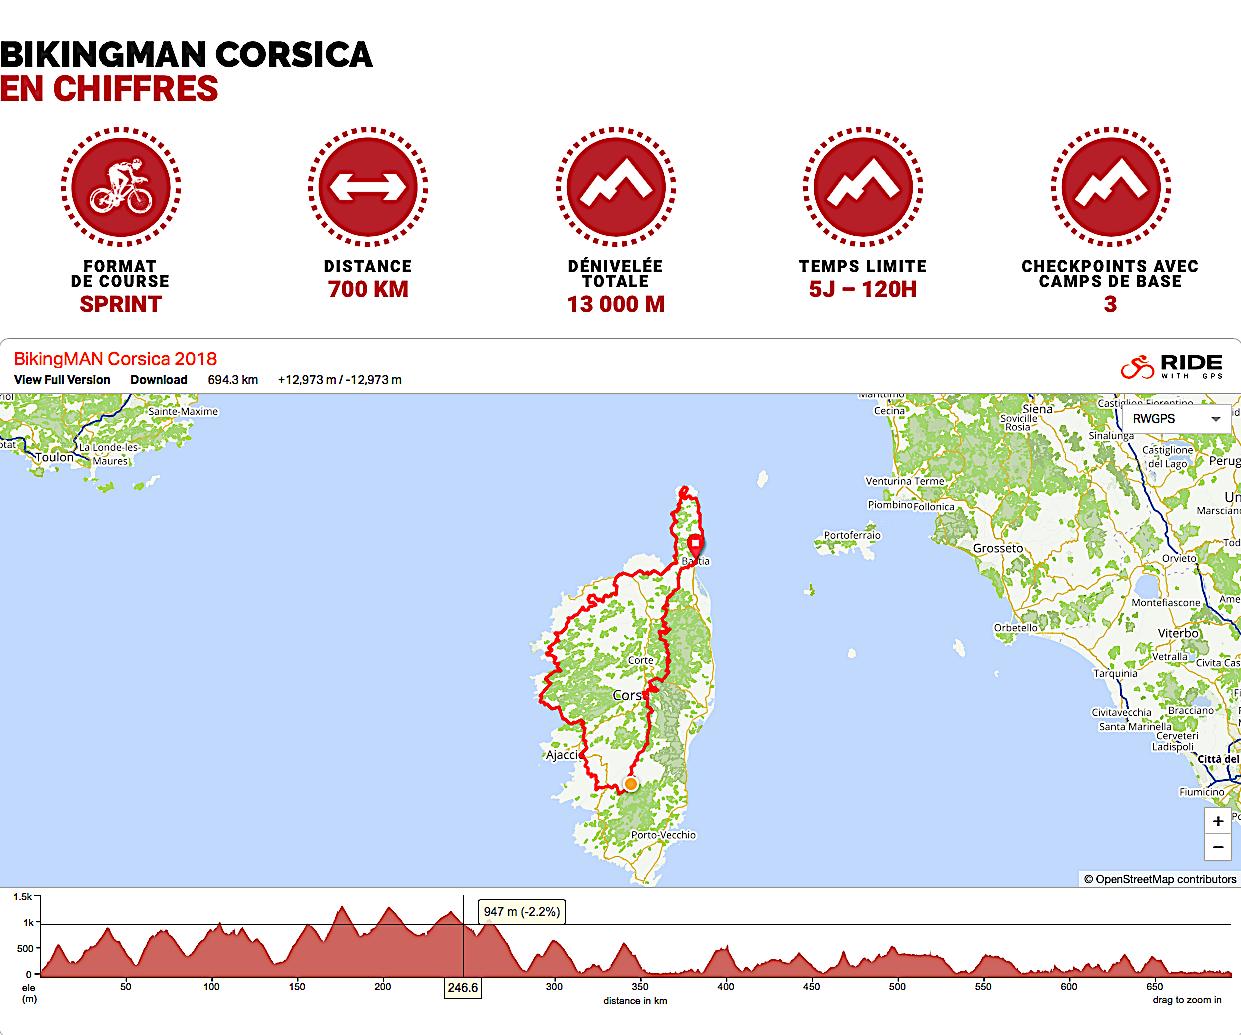 Rodney Soncco Vainqueur du BikingMan Corsica